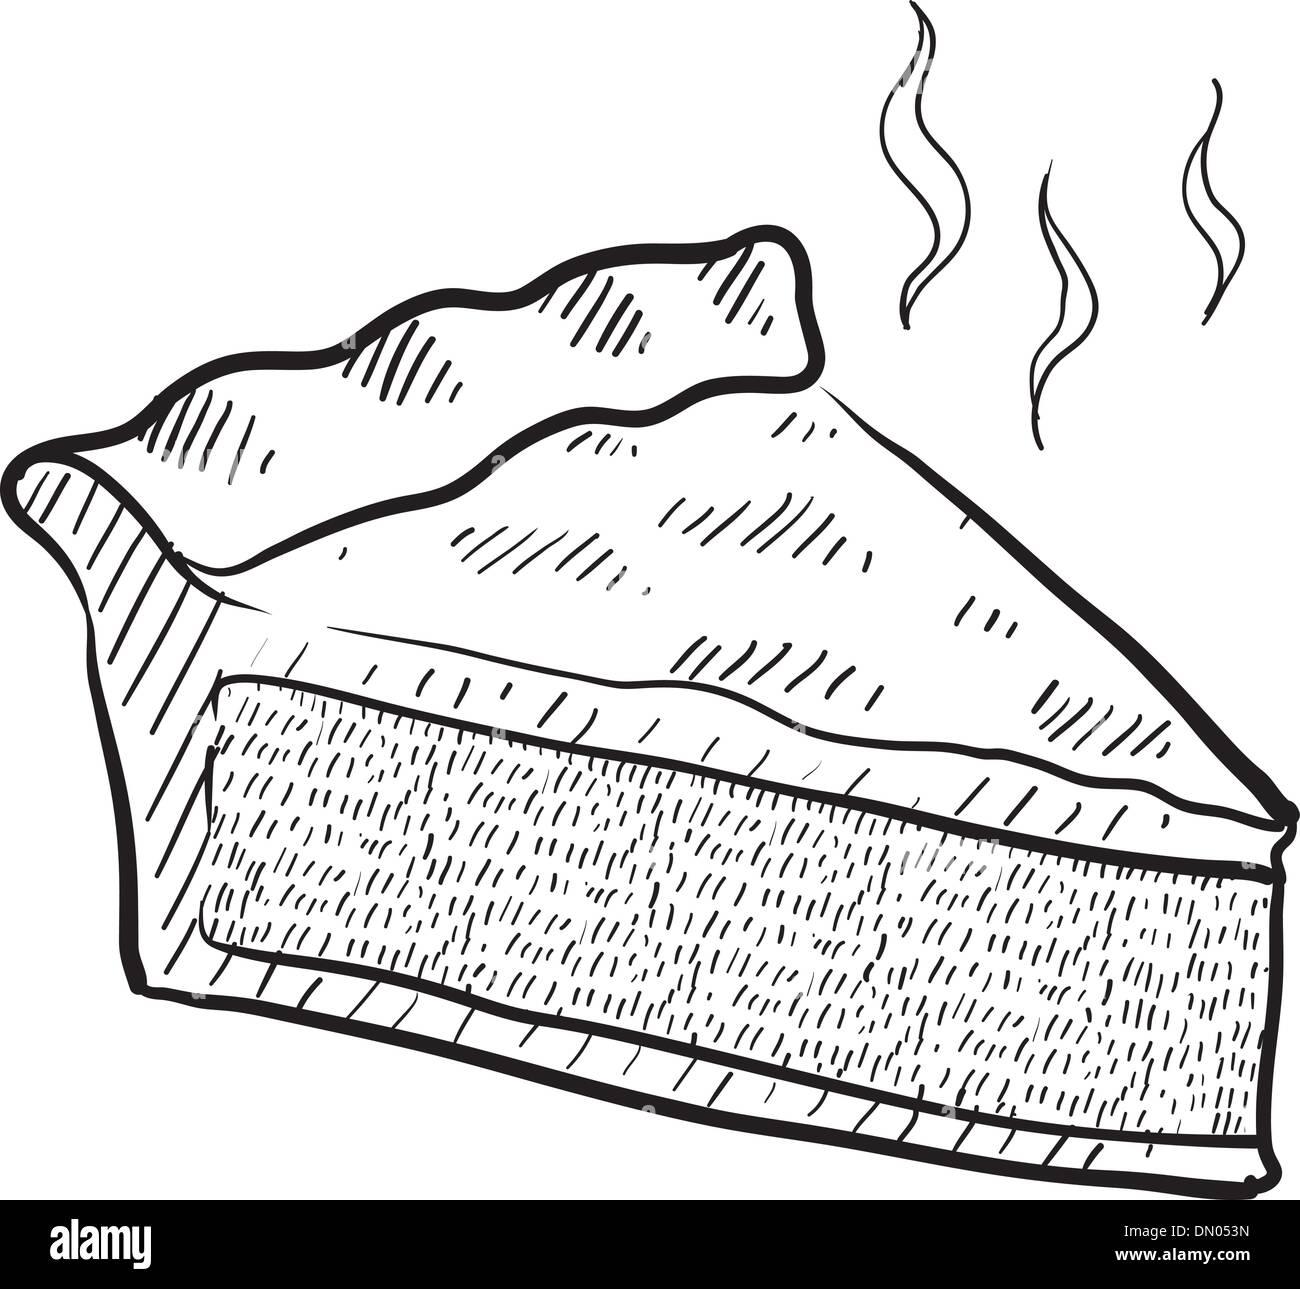 Fetta Di Torta Disegno Vettoriale Illustrazione Vettoriale 64542905